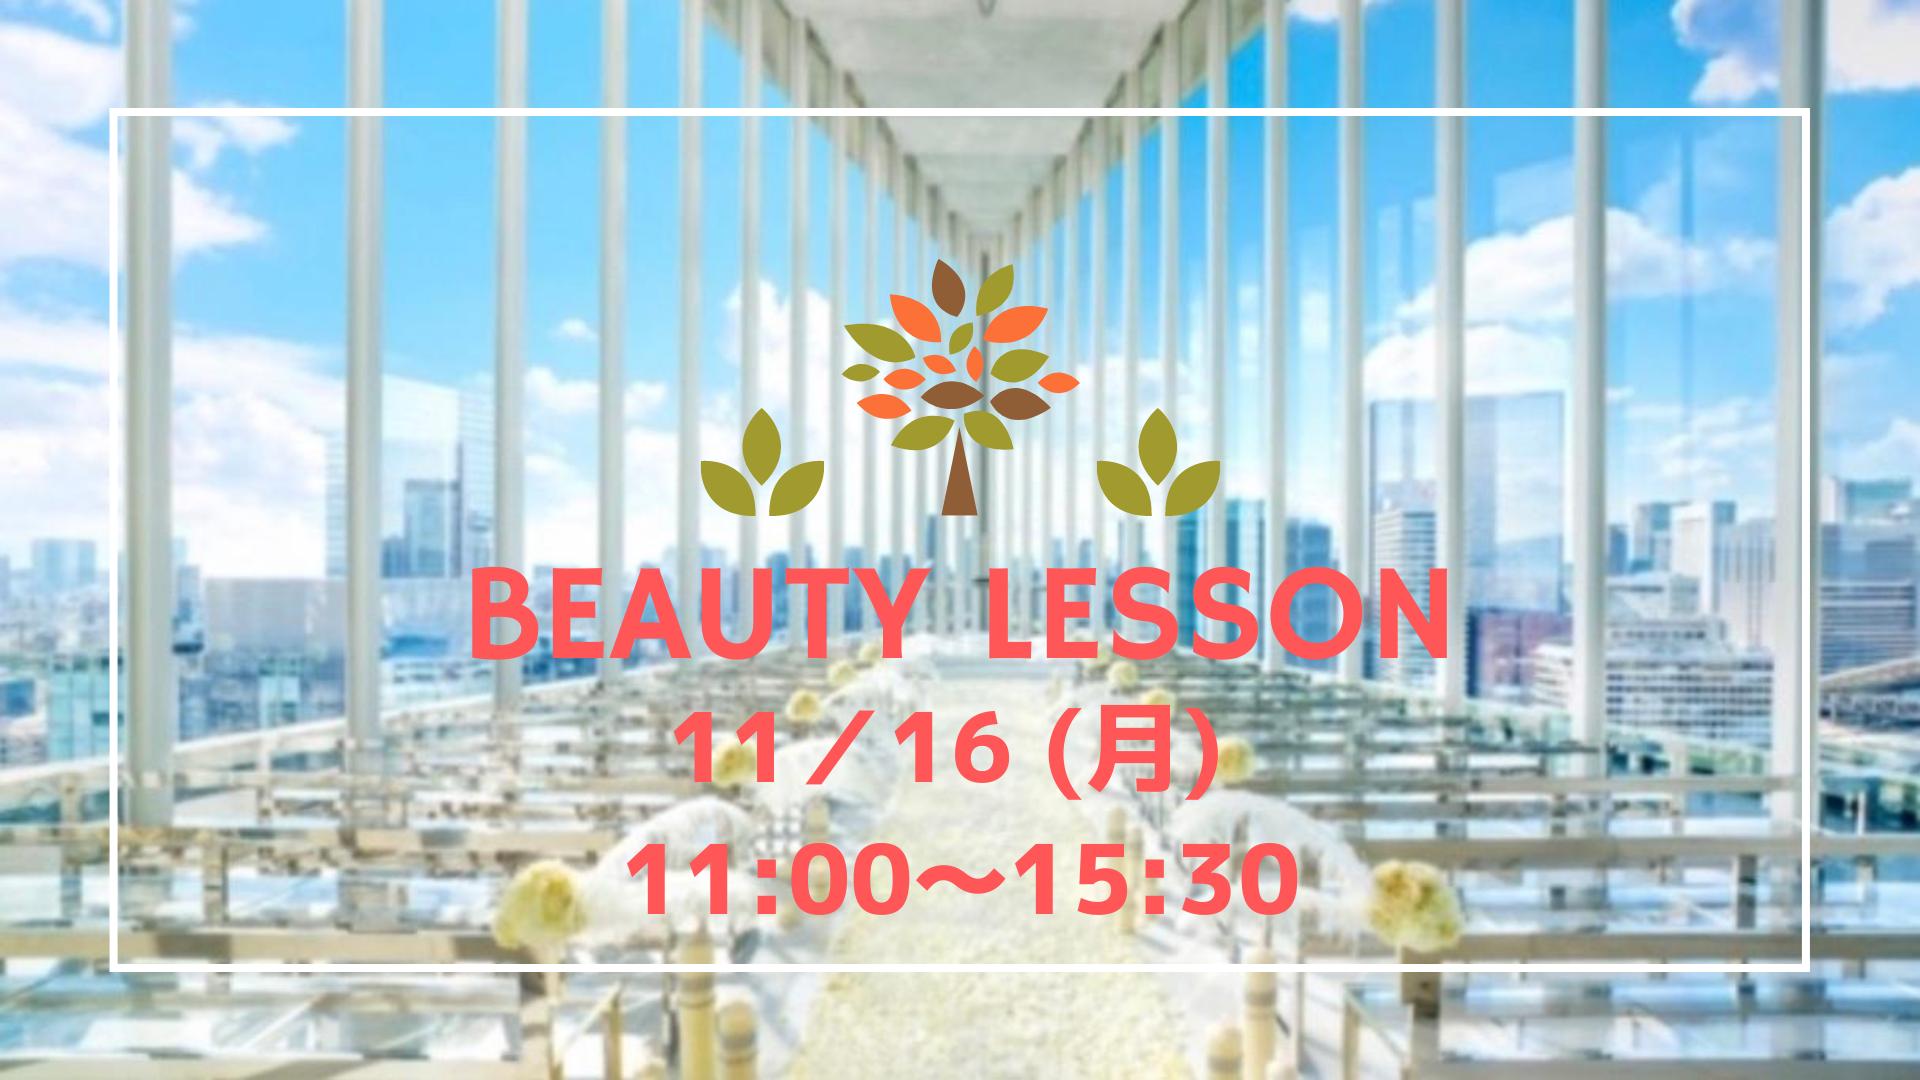 【大阪開催】BEAUTY LESSON /講師 吉原亜美・牧野聖子・廣瀬由仁子